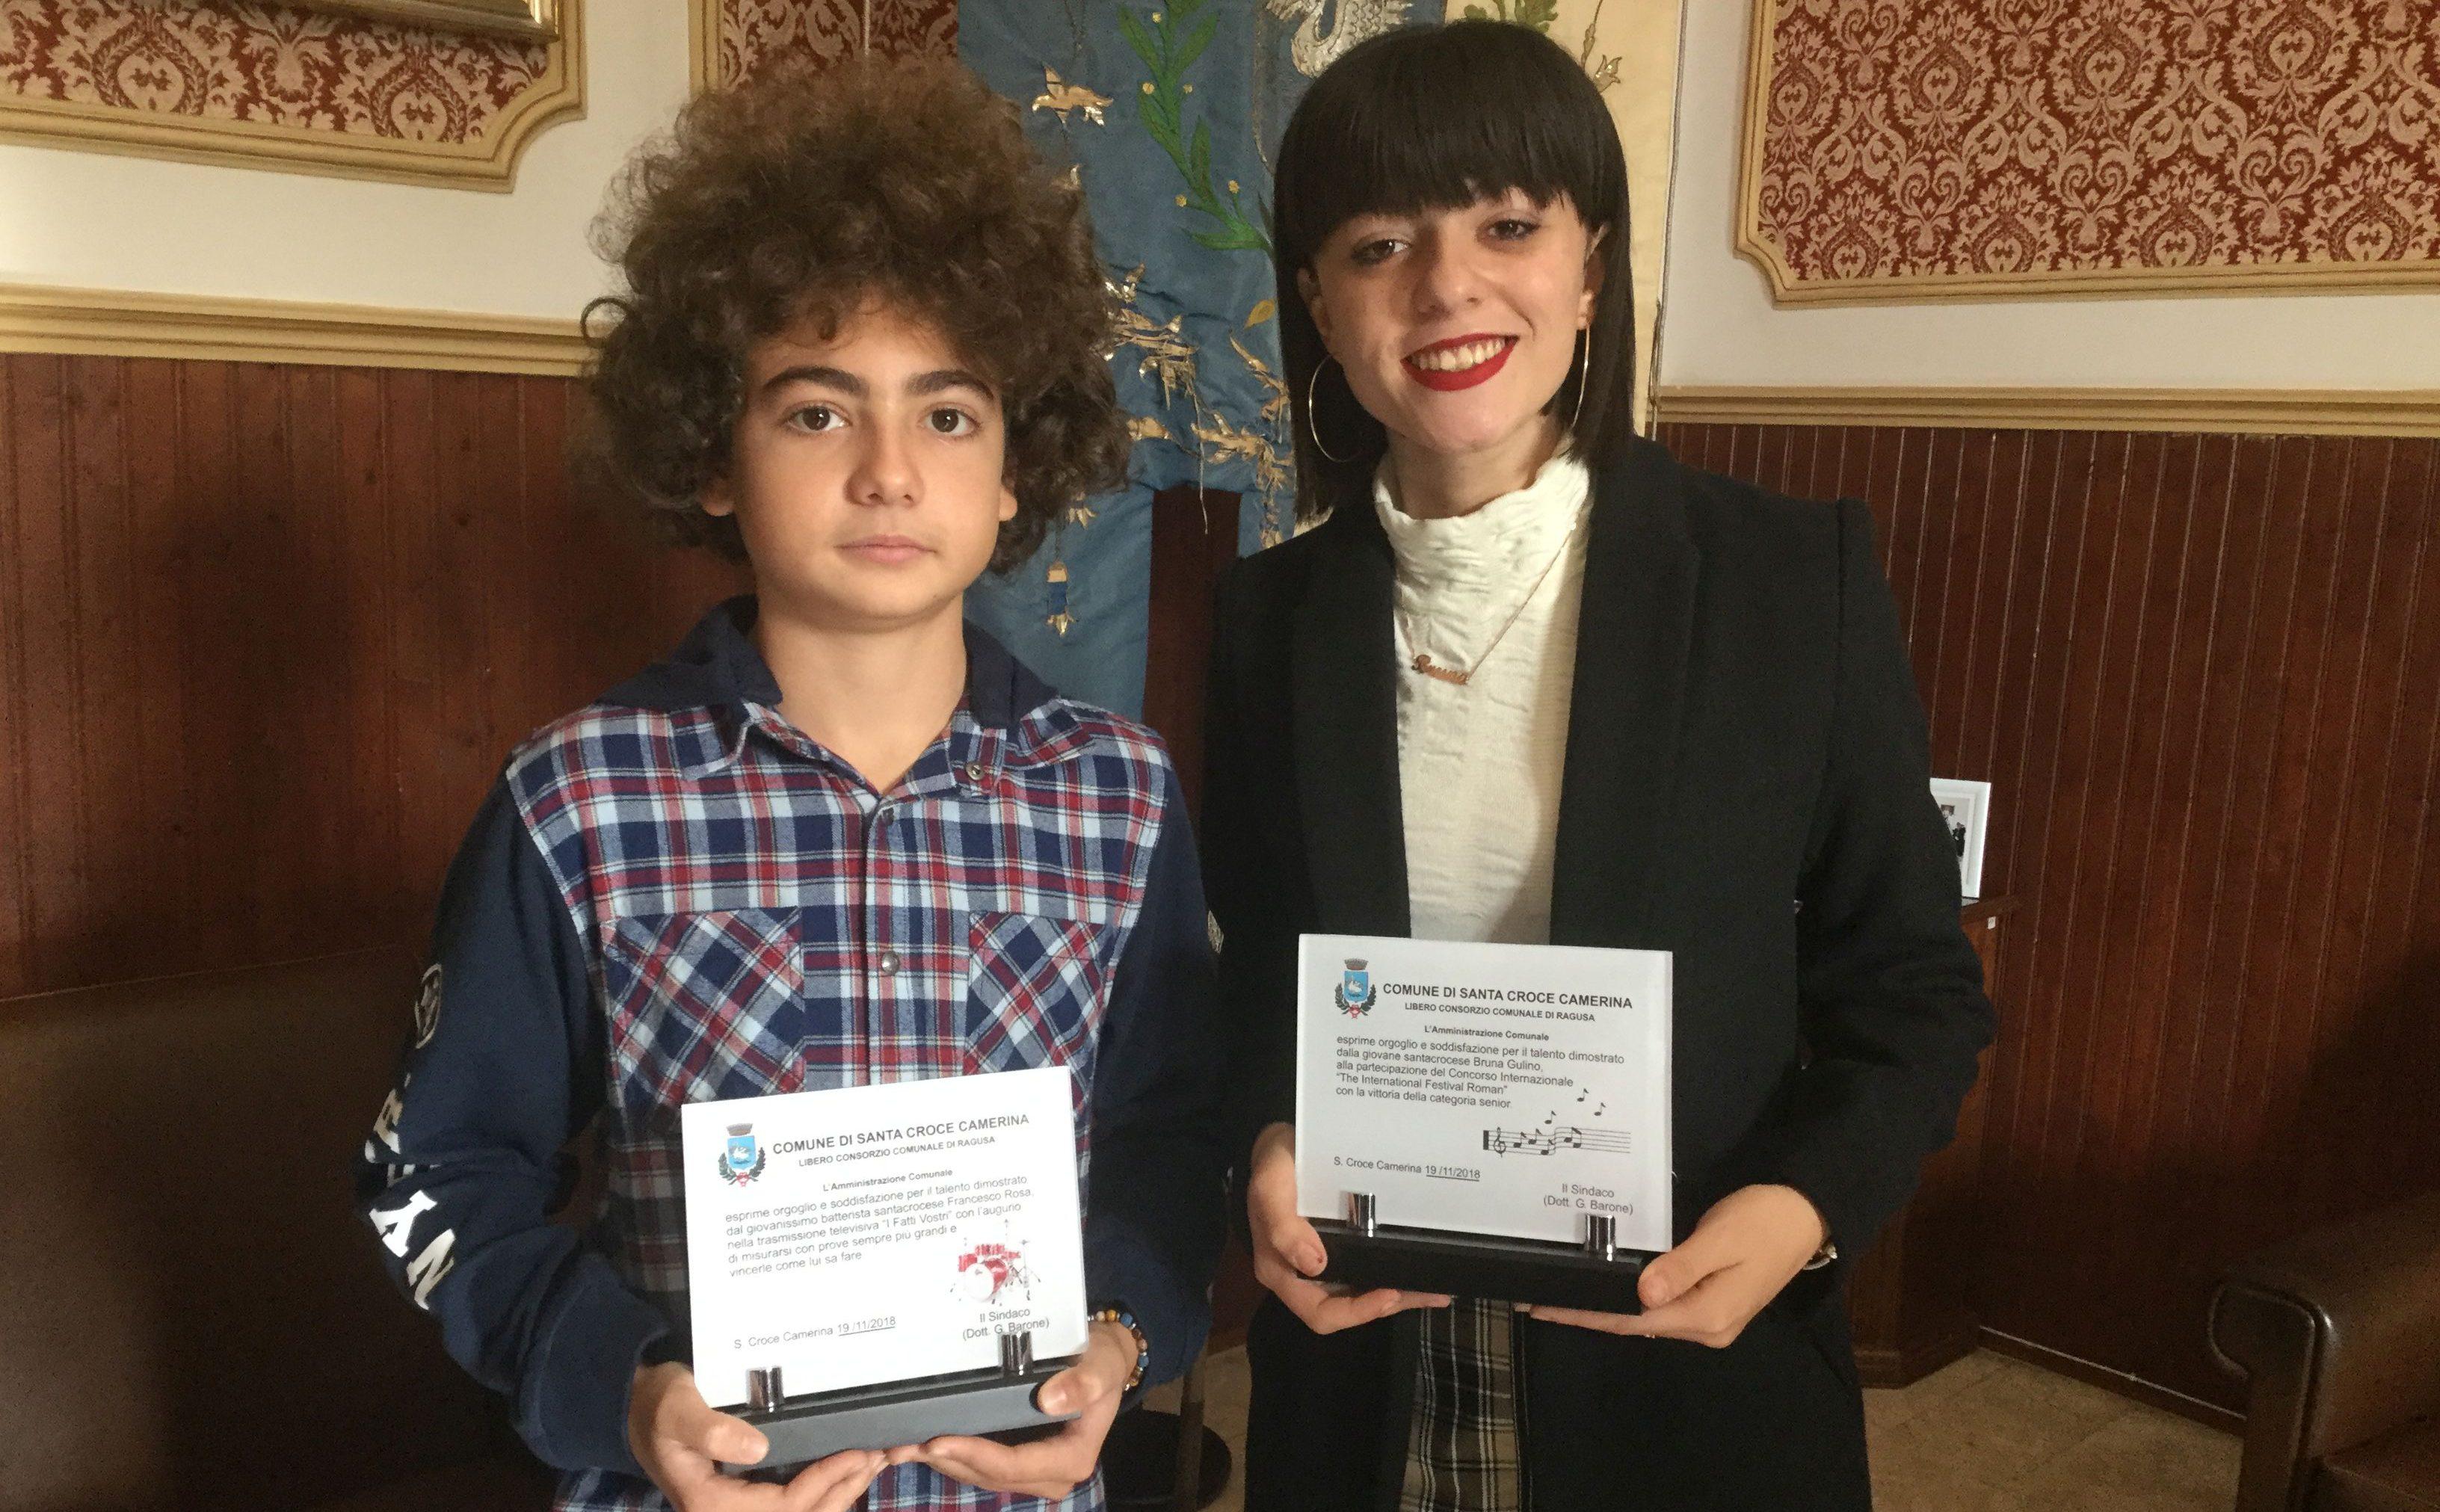 Francesco e Bruna, il futuro vi sorride: premiati in Comune dal sindaco VIDEO